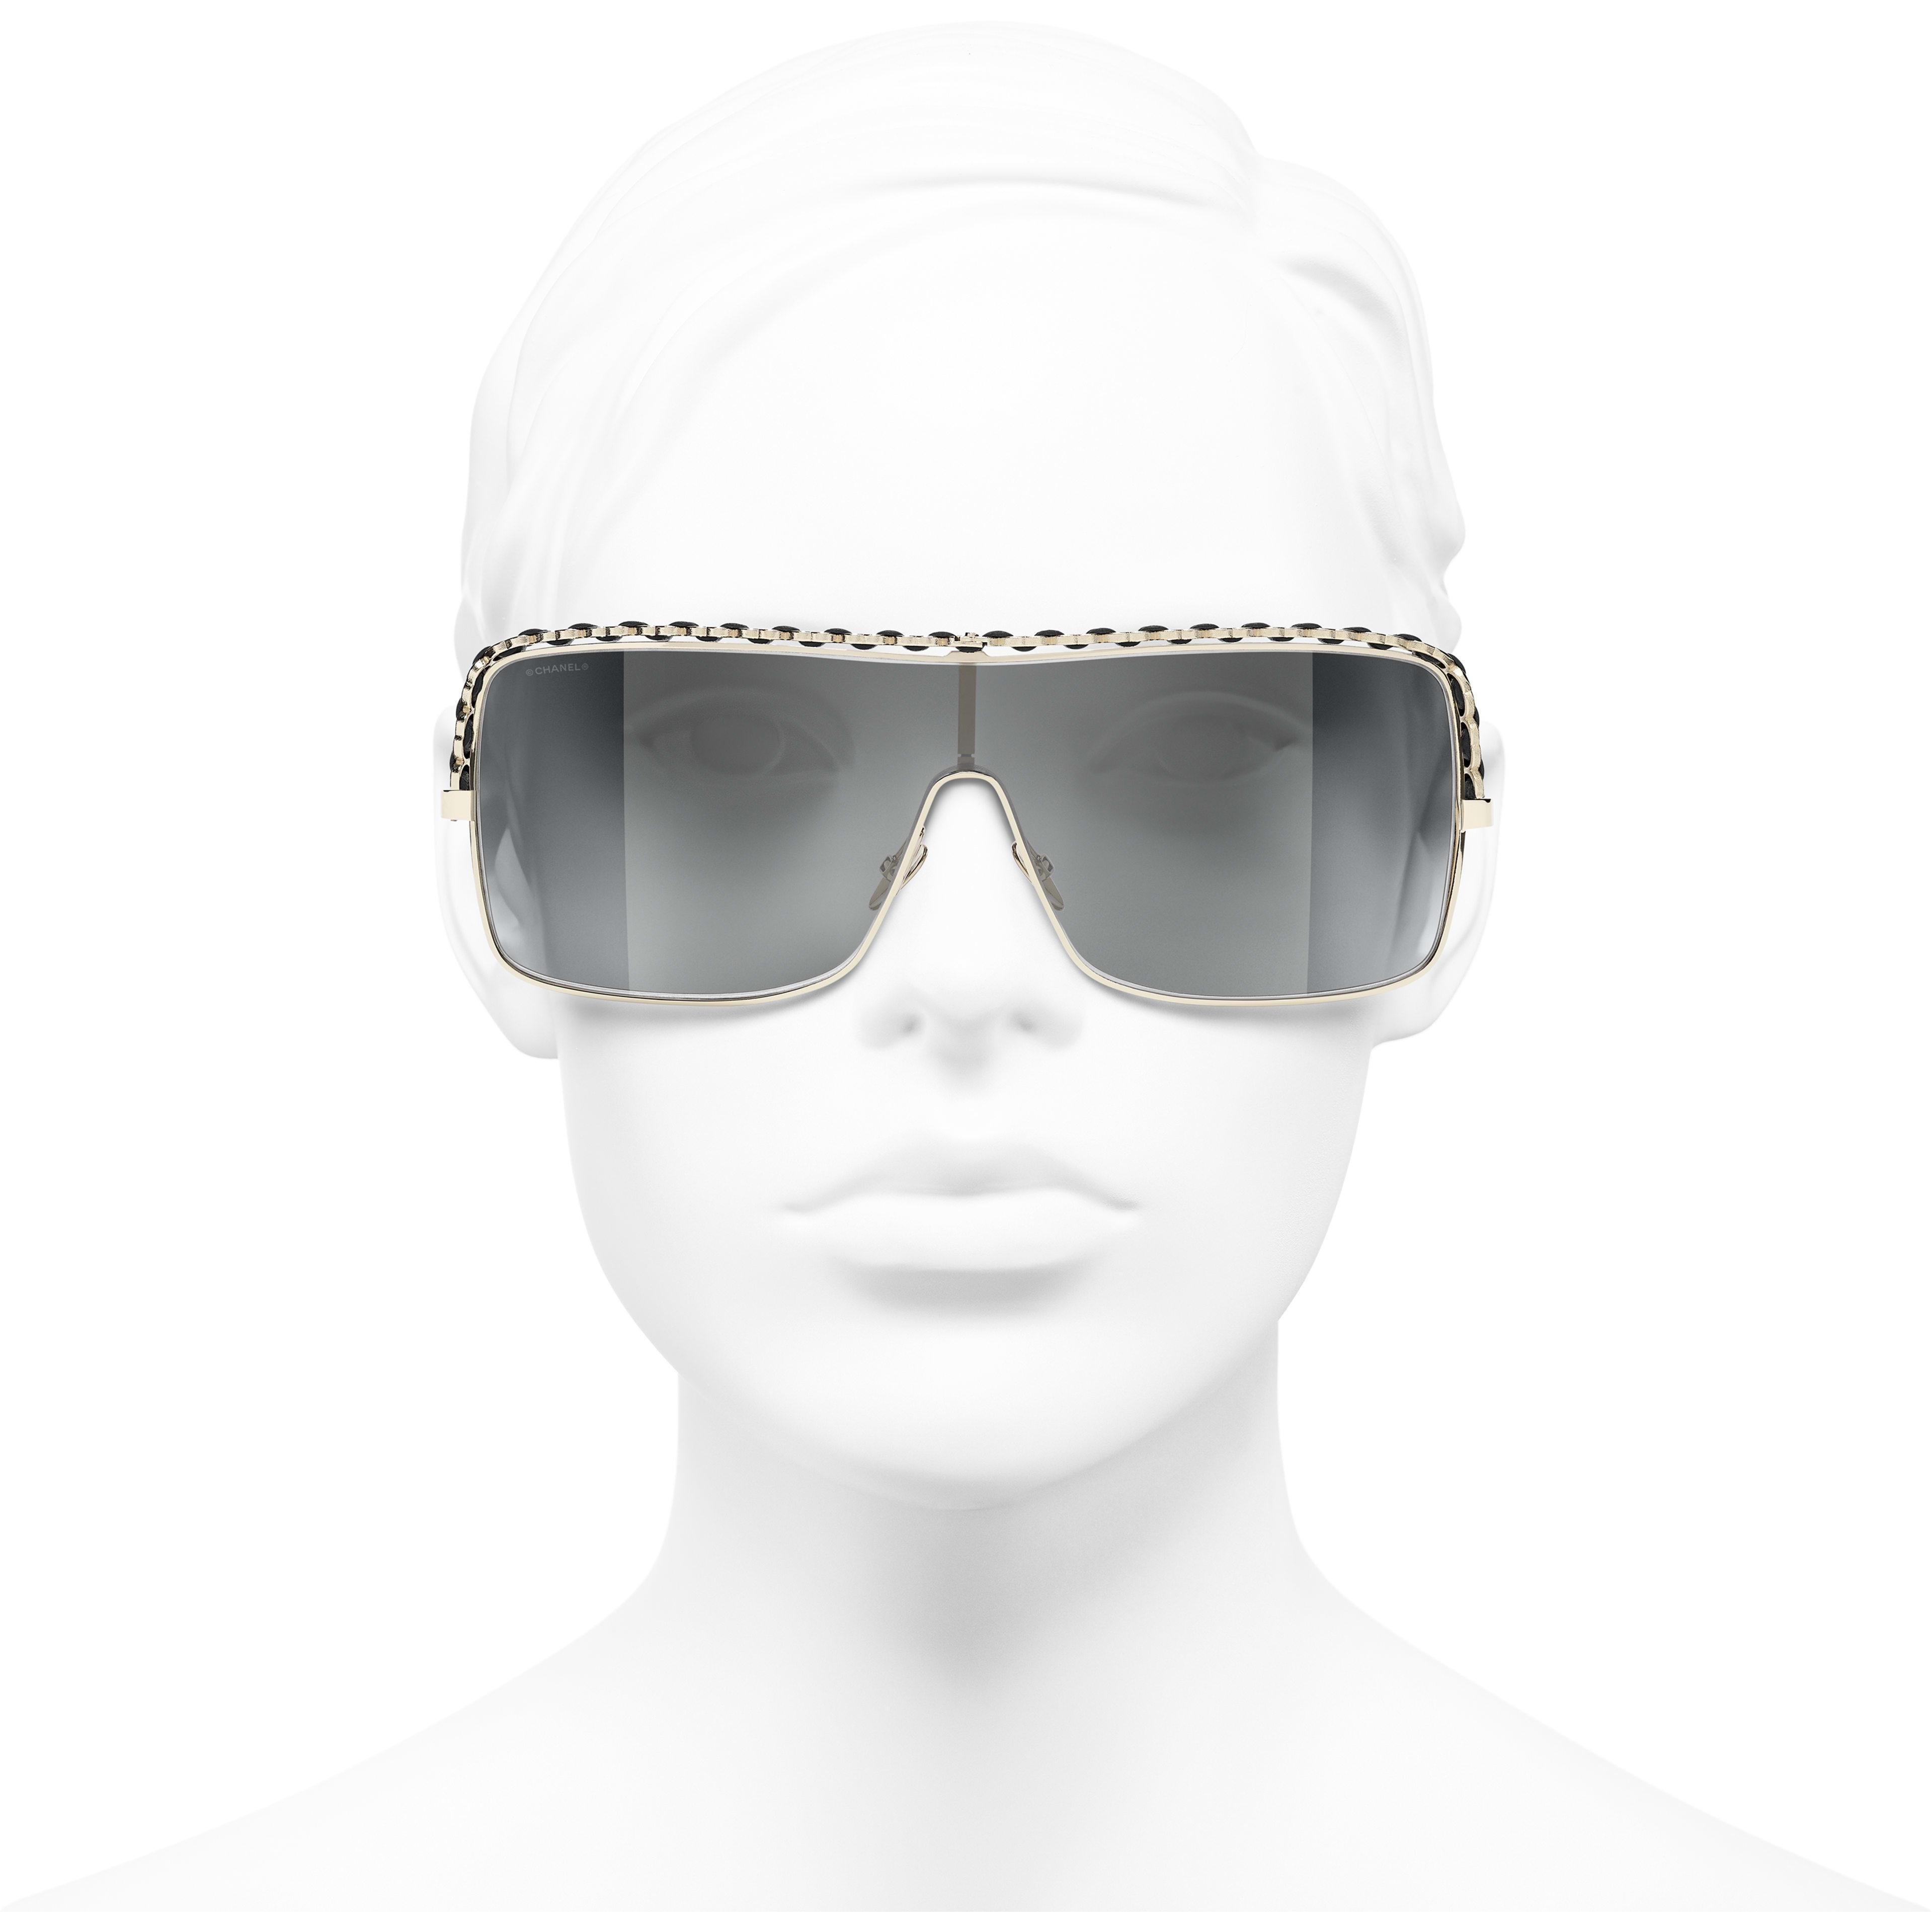 Lunettes Masque - Doré - Métal & veau - CHANEL - Vue de face portée - voir la version taille standard